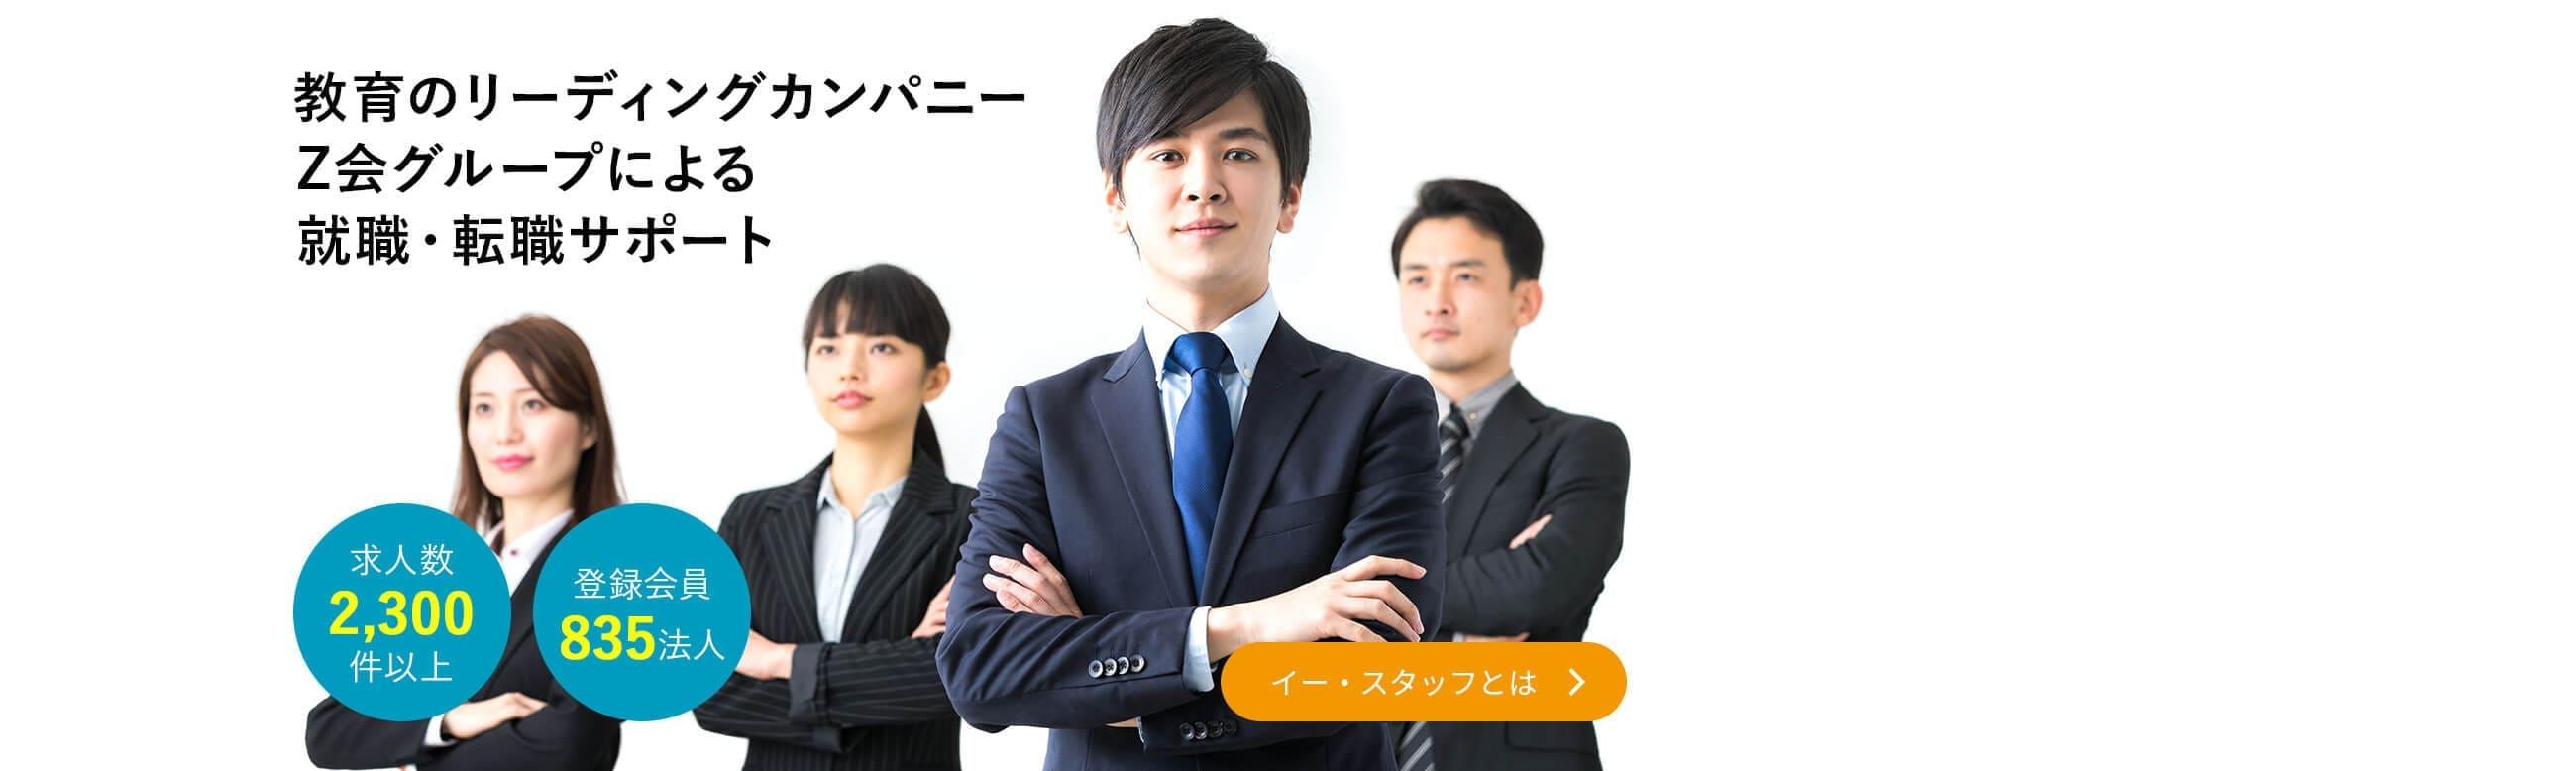 教育のリーディングカンパニーZ会グループによる就職・転職サポート